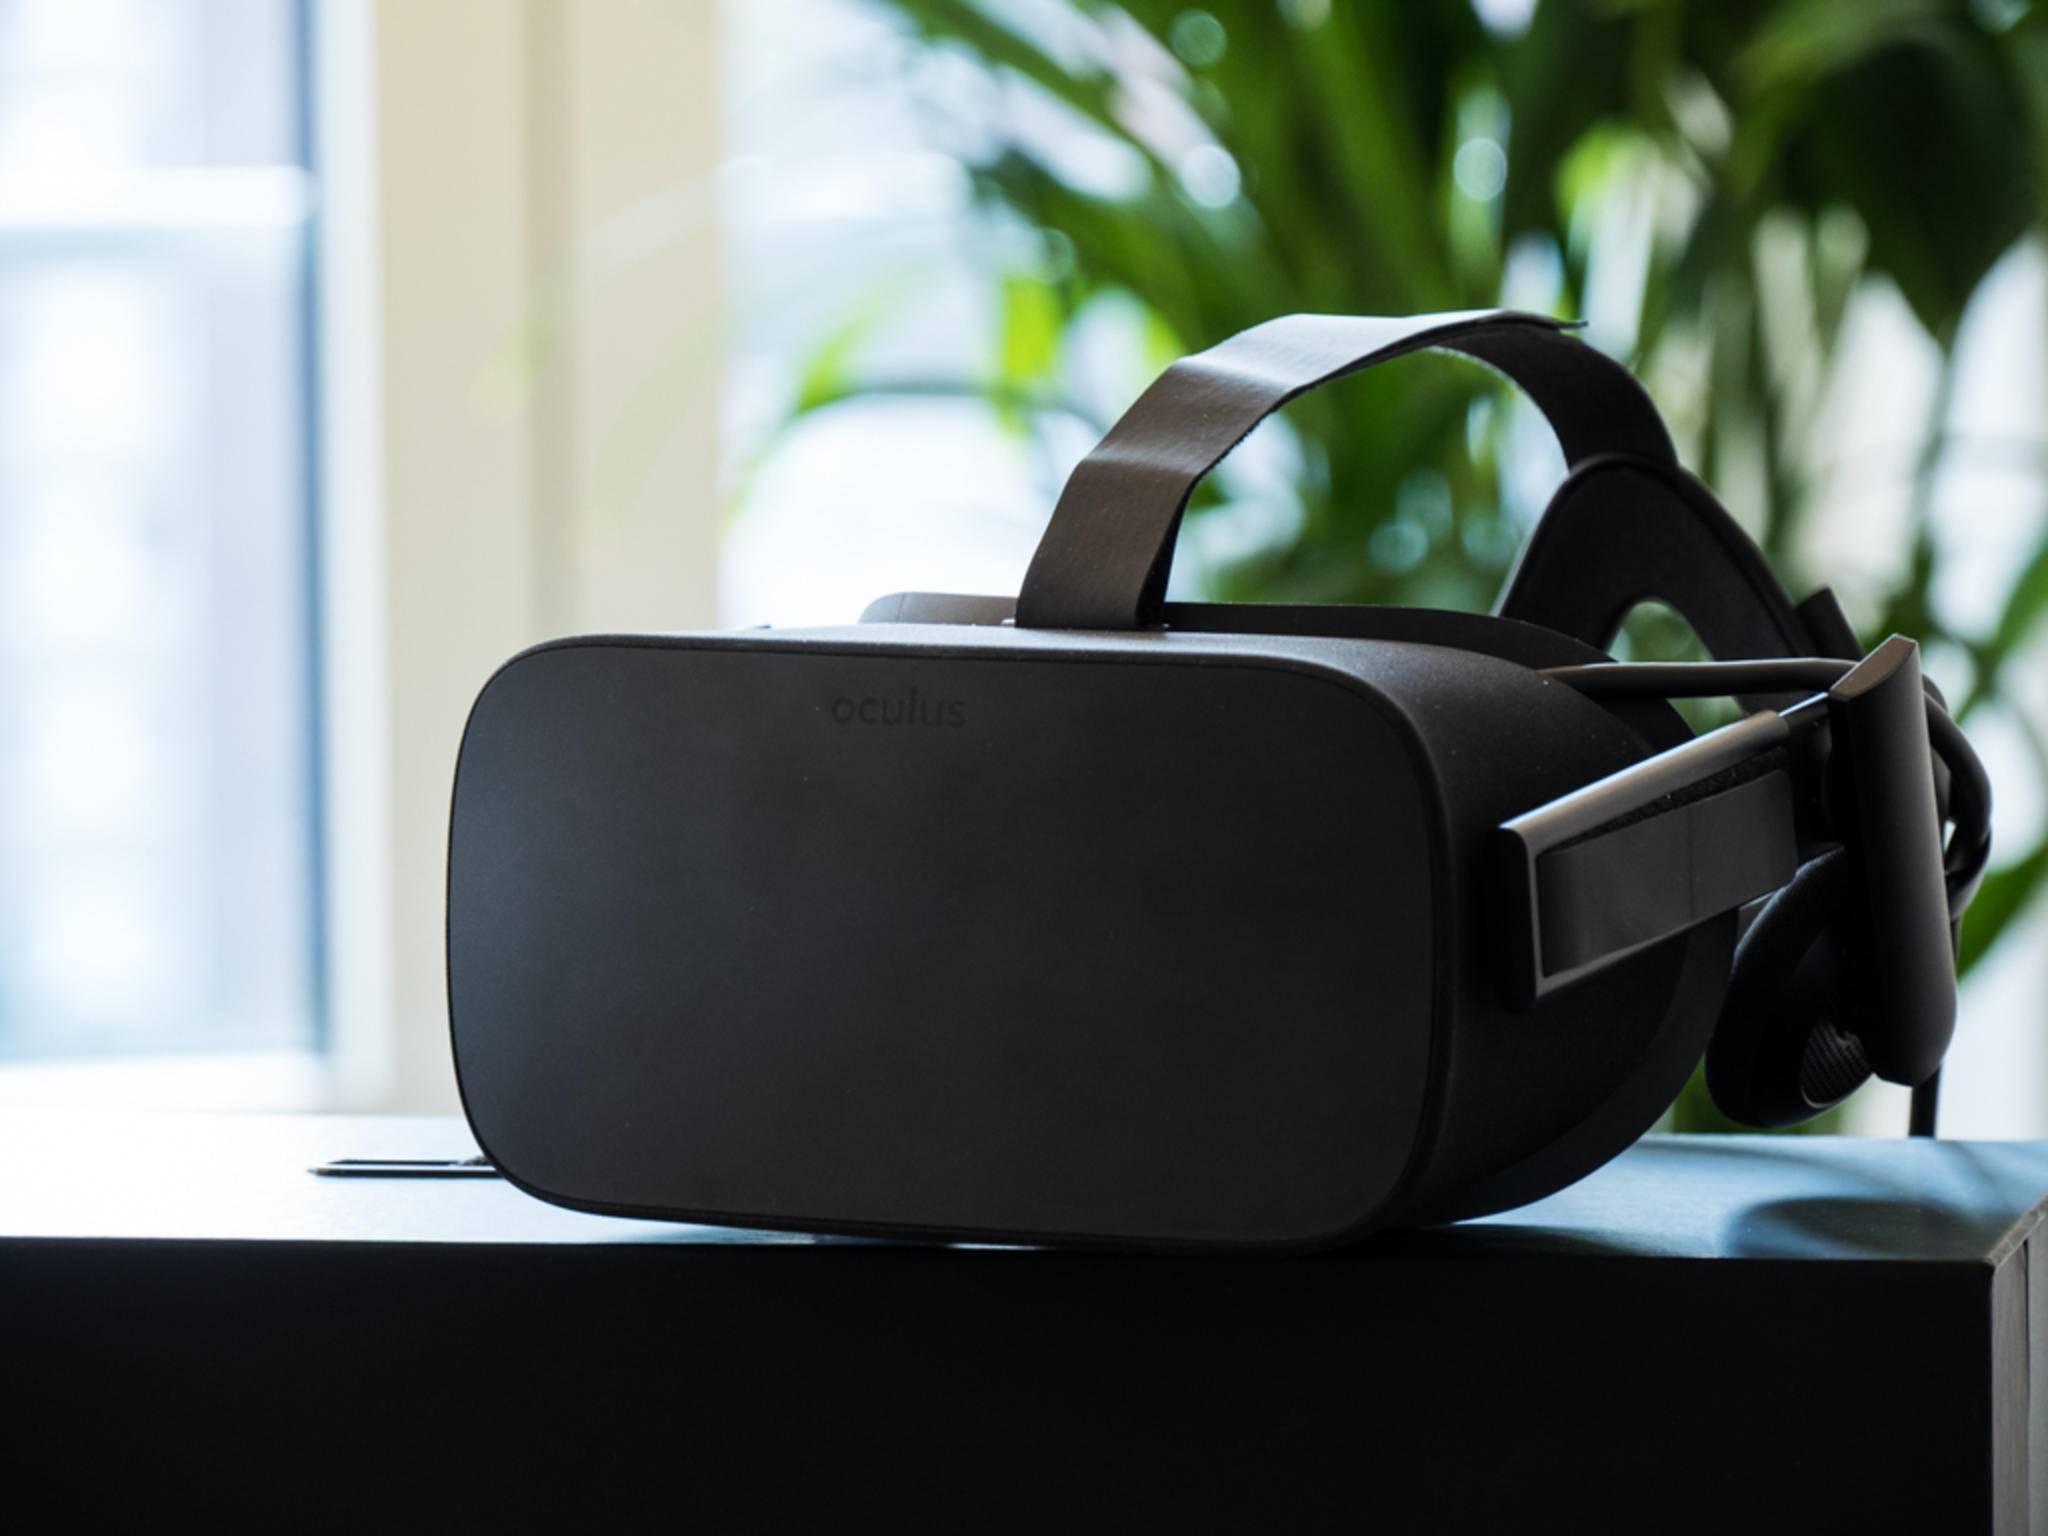 Ist die VR-Brille Oculus Rift wirklich eine Datenkrake?